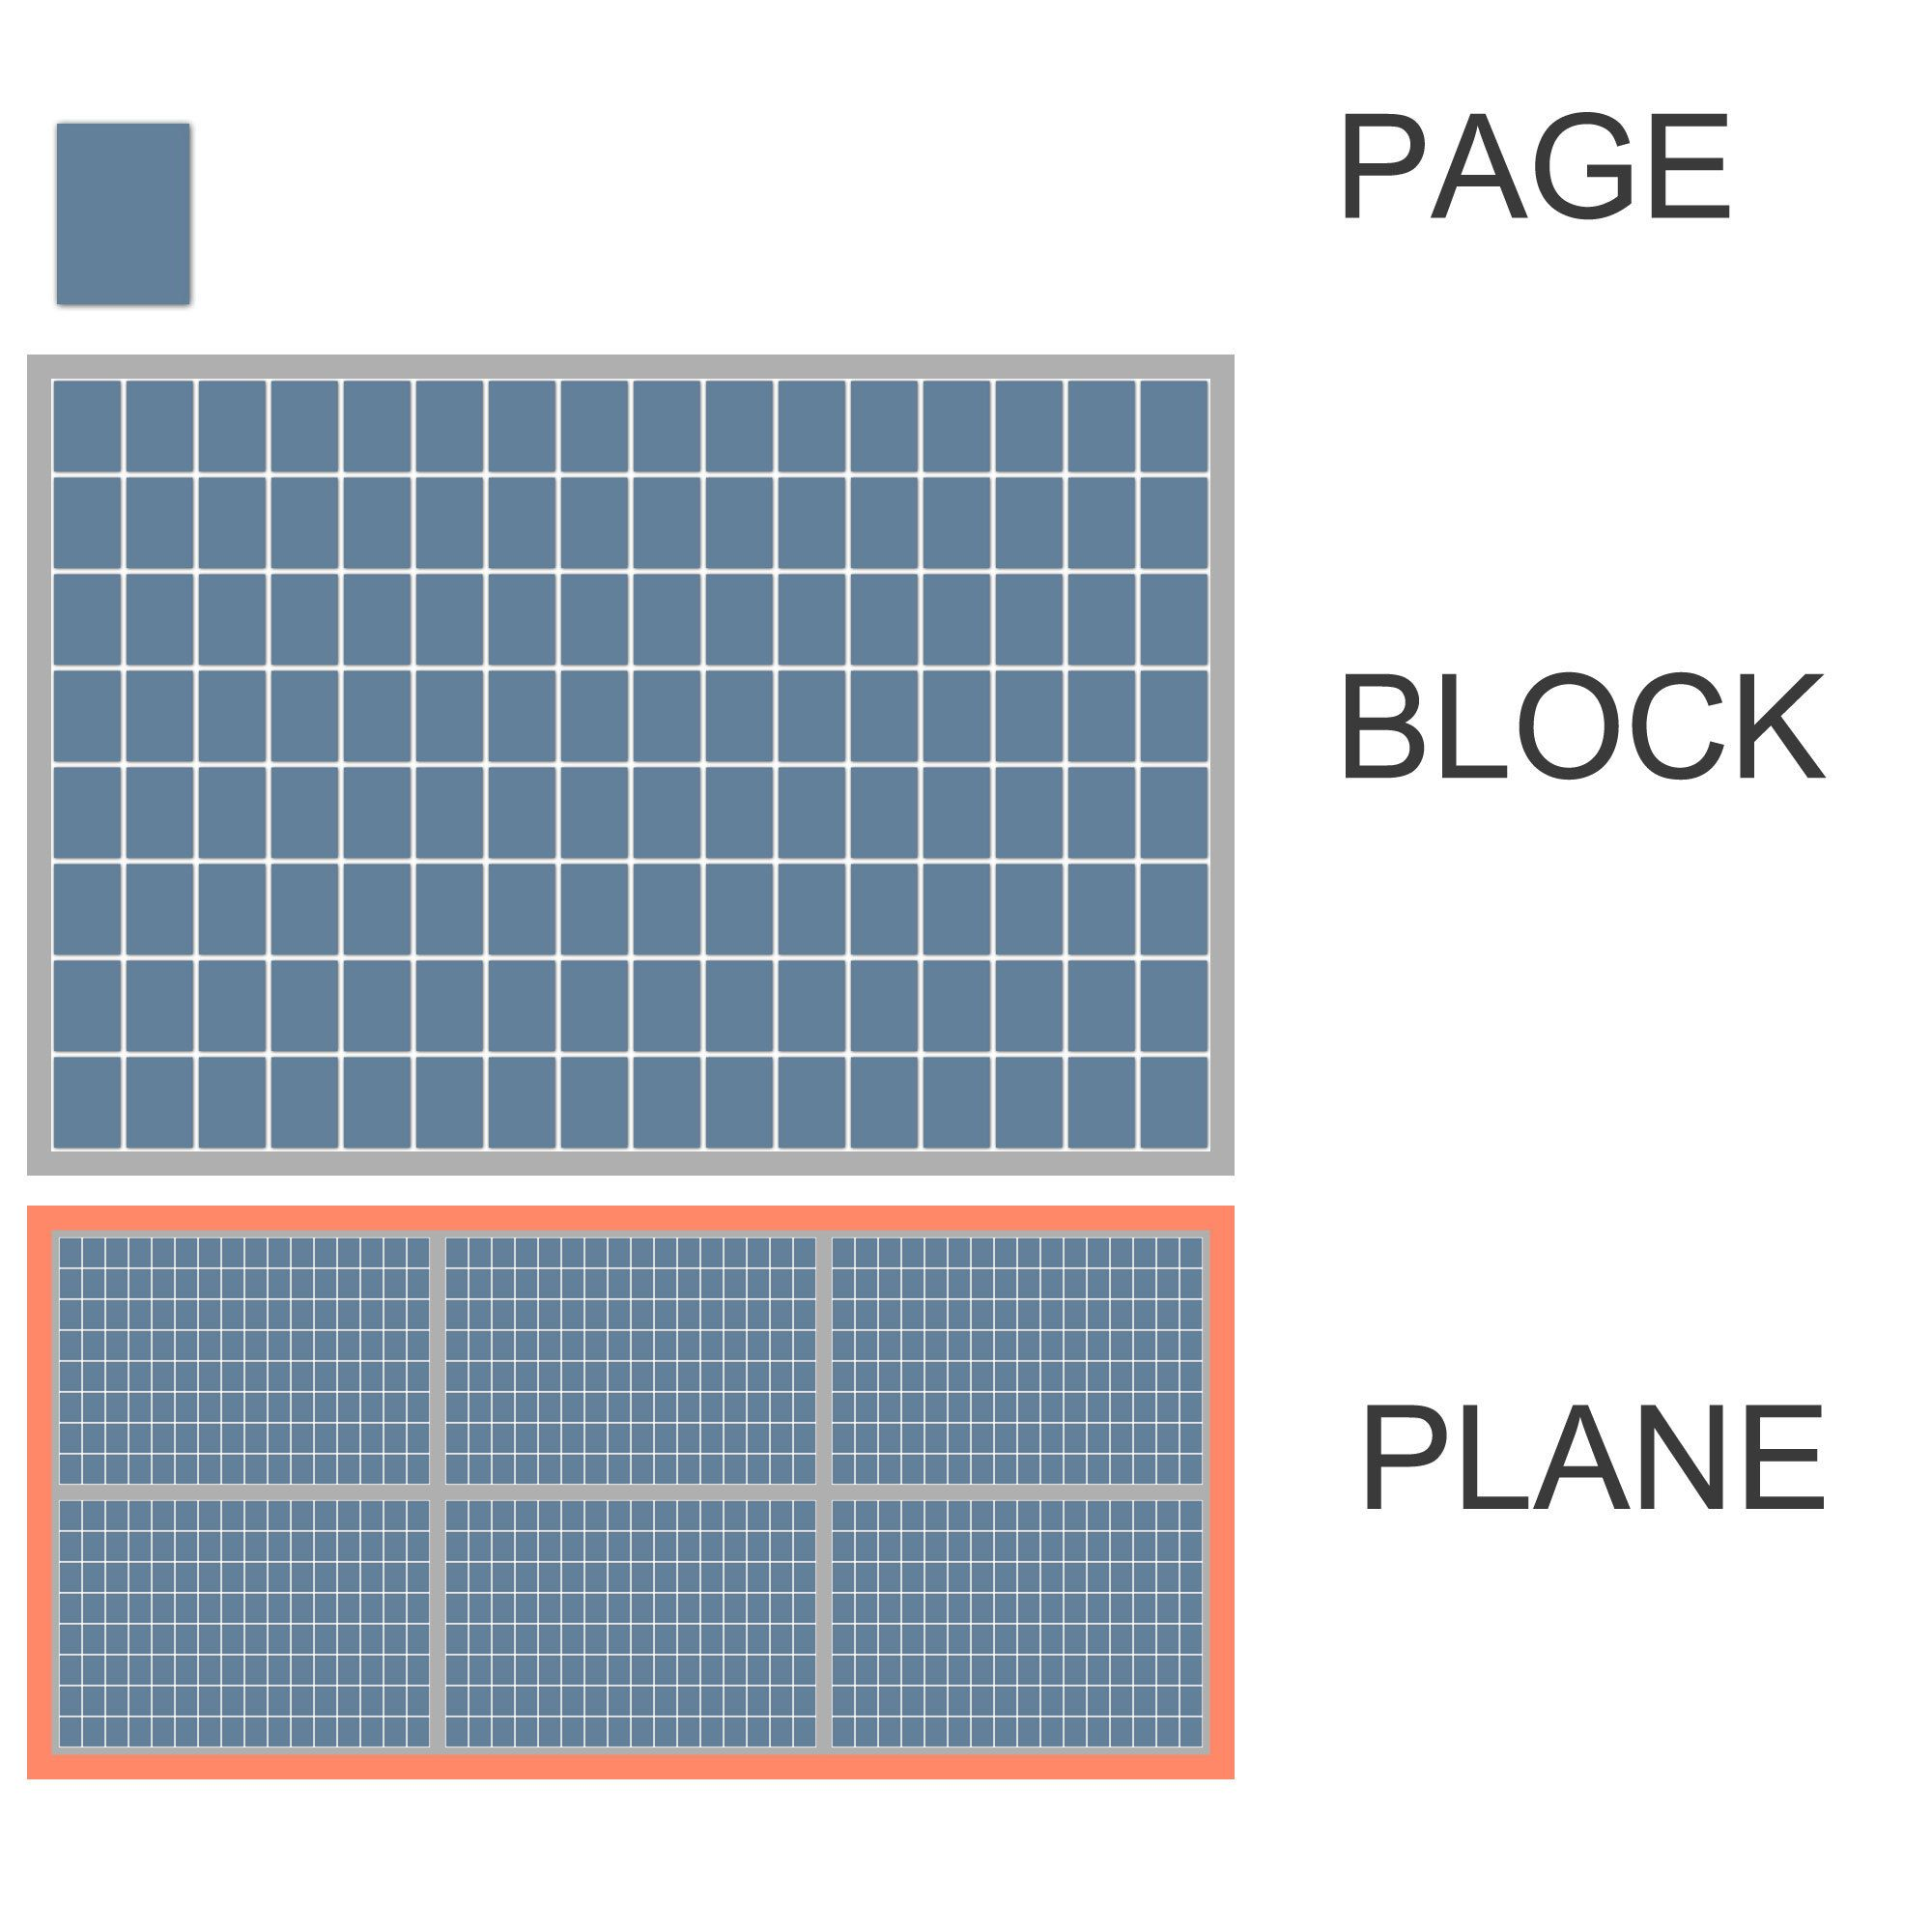 Mange bit blir én page, 128 pages blir en blokk, mange blokker blir en plane. Mange planes blir en minnebrikke. Klikk for større versjon